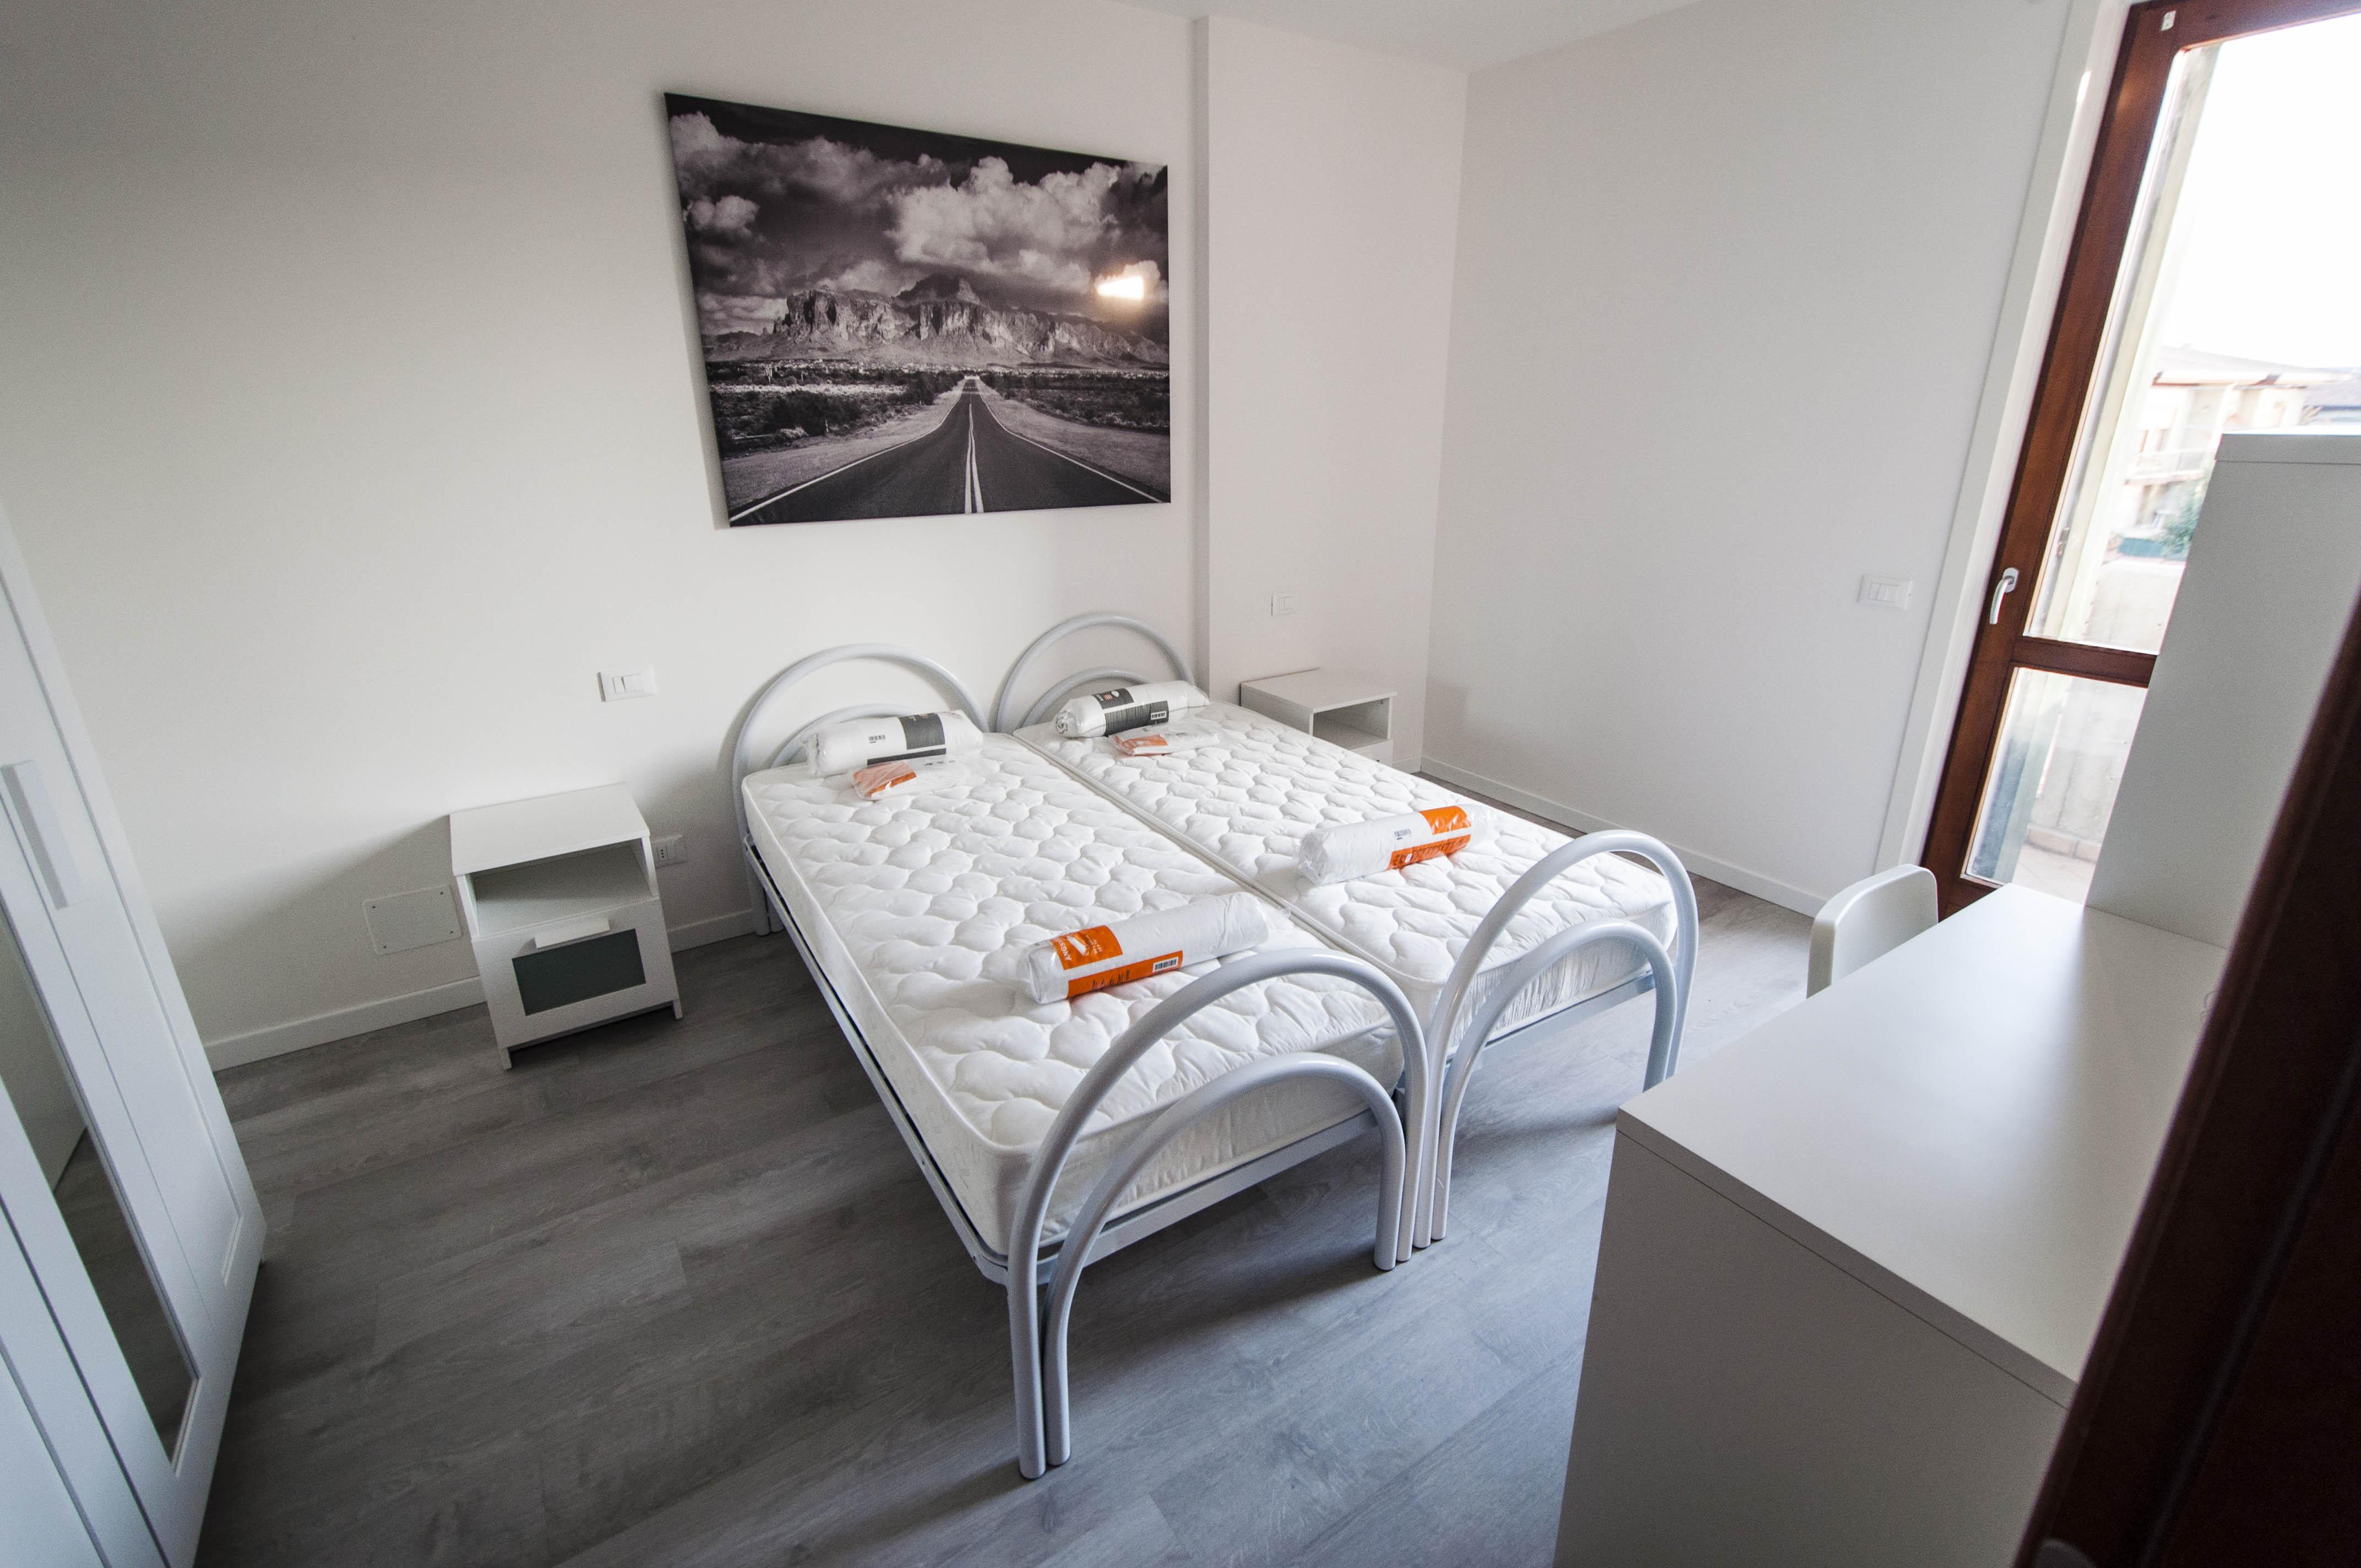 Camere-in-Affitto-Treviso-Villorba-Studio-Architettura-Zanatta-97